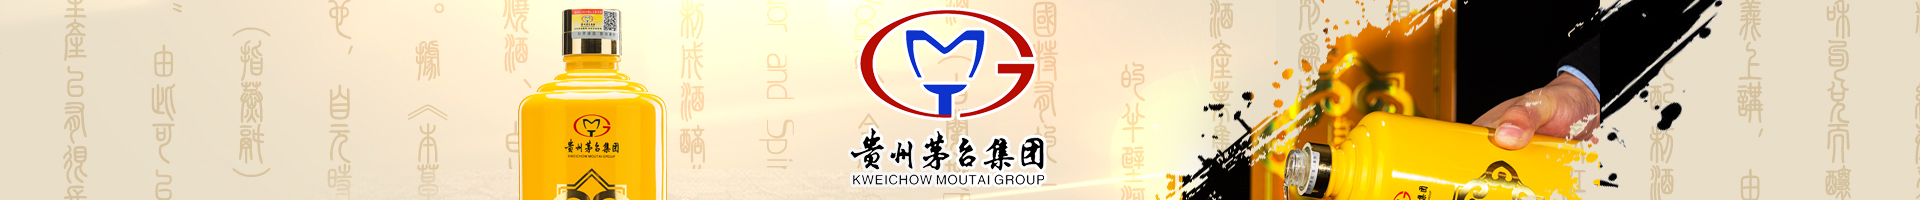 贵州茅台酒厂(集团)白金酒有限责任公司品牌白金1919产品